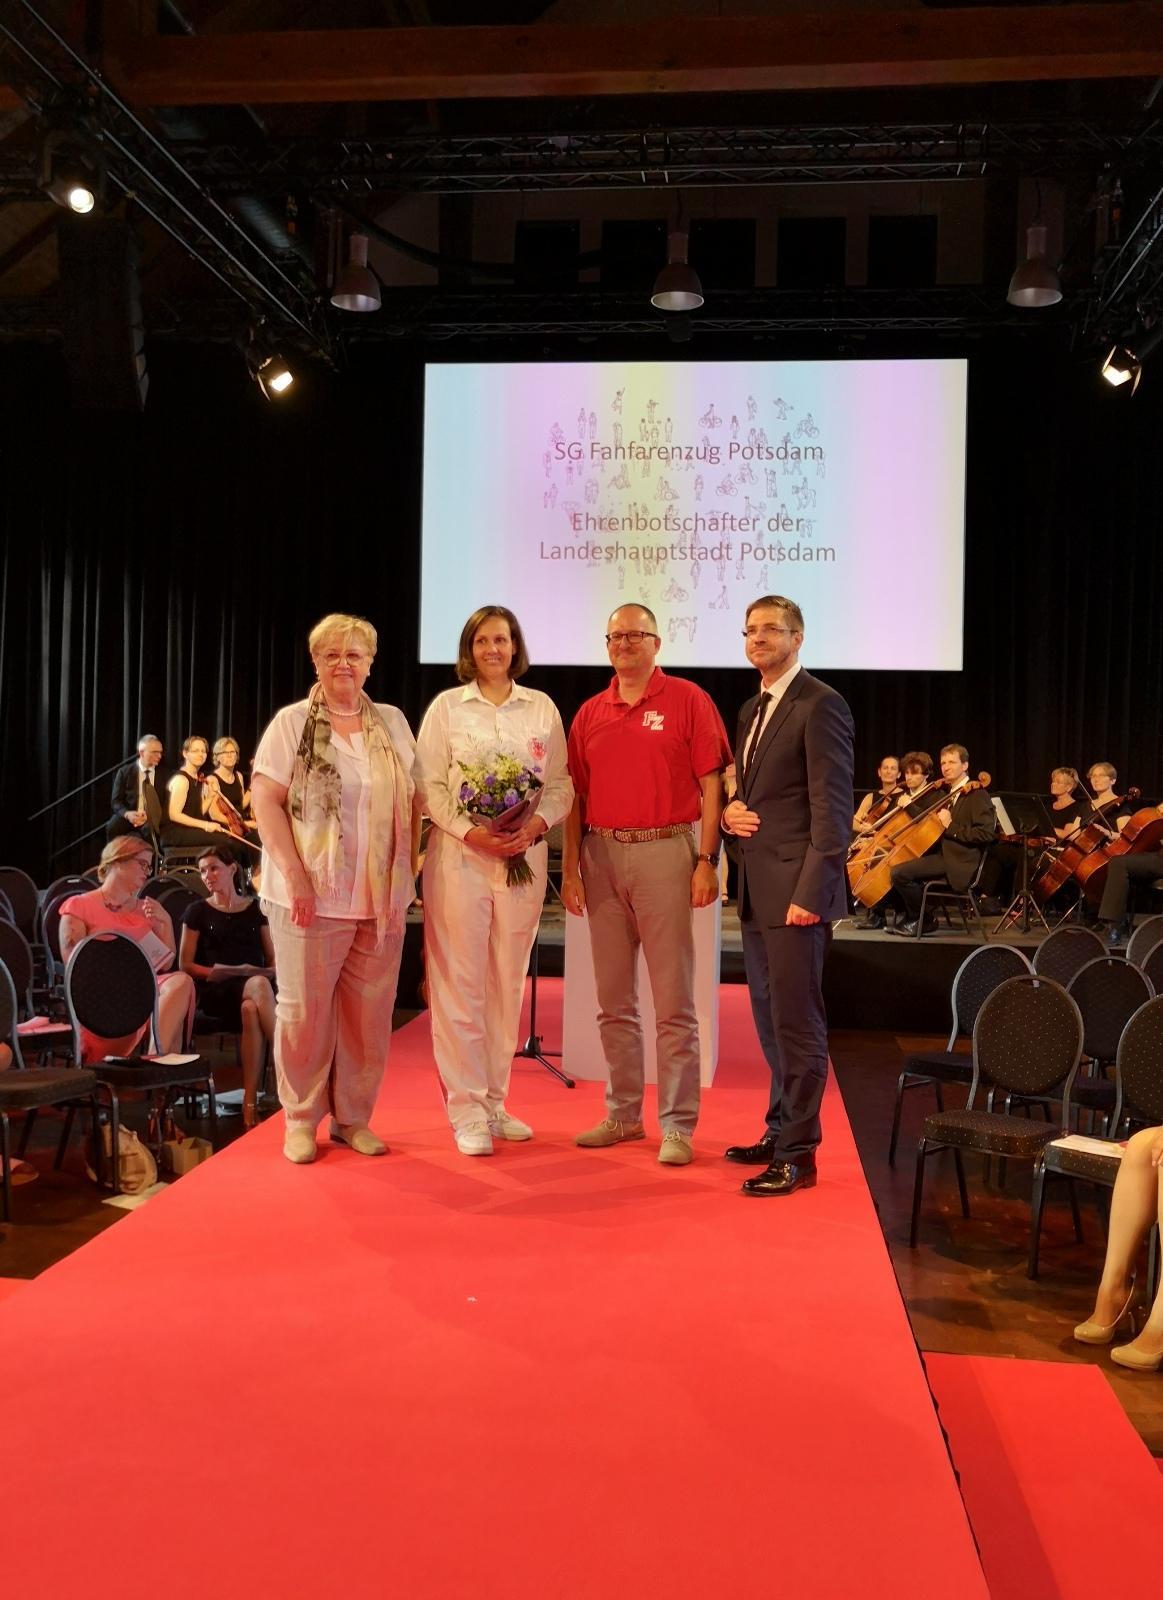 Foto der Galerie: 13.06.2019 - Verleihung Ehrenamtspreis 2019 mit Ankündigung Ehrenbotschafter